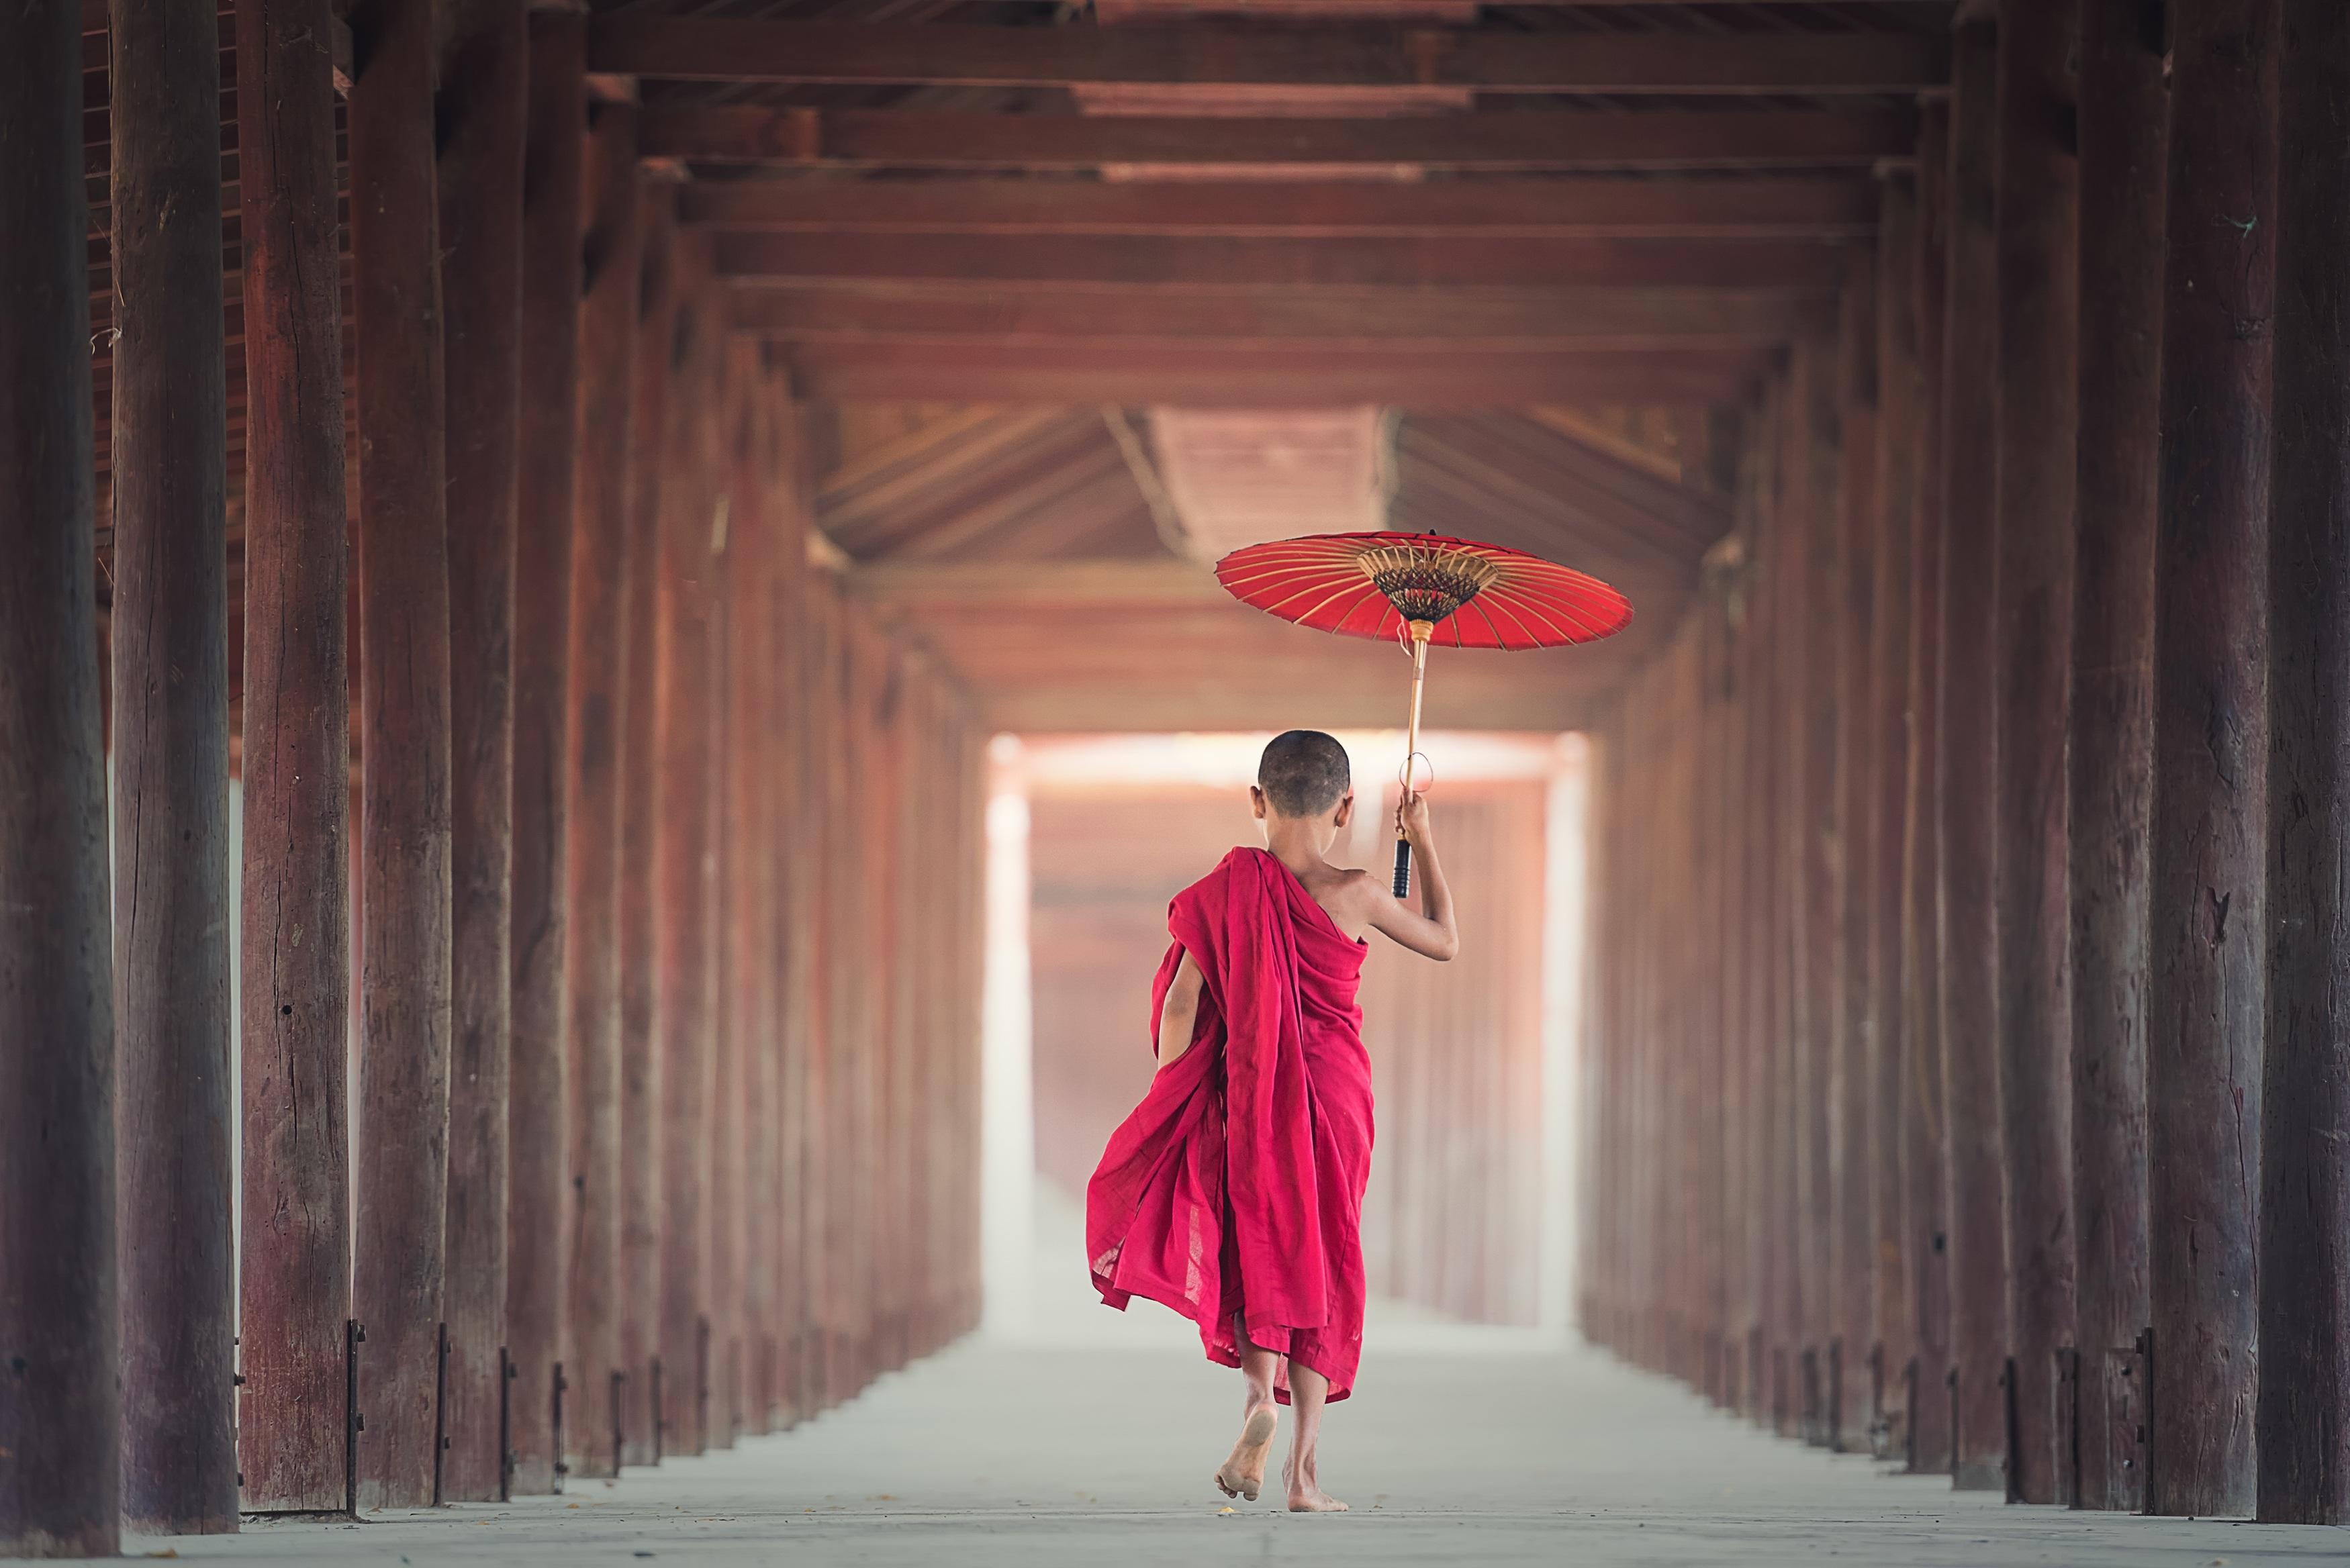 149794 Заставки и Обои Азия на телефон. Скачать Азия, Разное, Буддизм, Зонт, Ребенок, Монах, Бирма, Мьянма, Мальчик картинки бесплатно